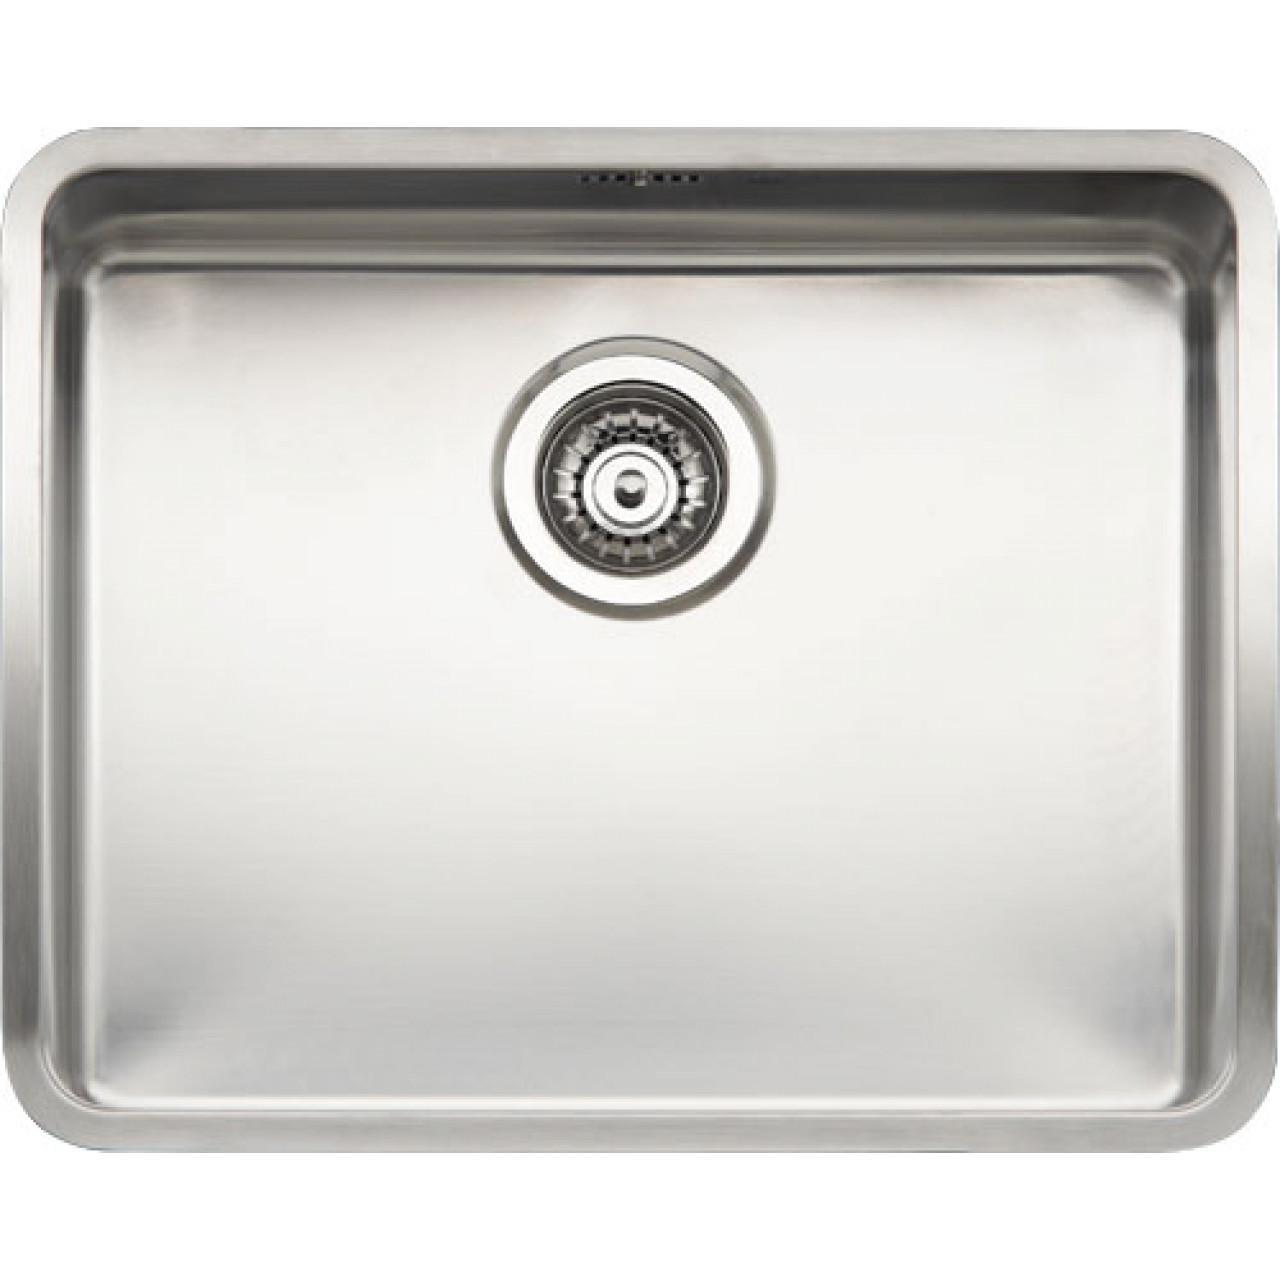 Кухонная мойка Reginox Kansas 540х440 Medium 42418 купить в Москве по цене от 37560р. в интернет-магазине mebel-v-vannu.ru